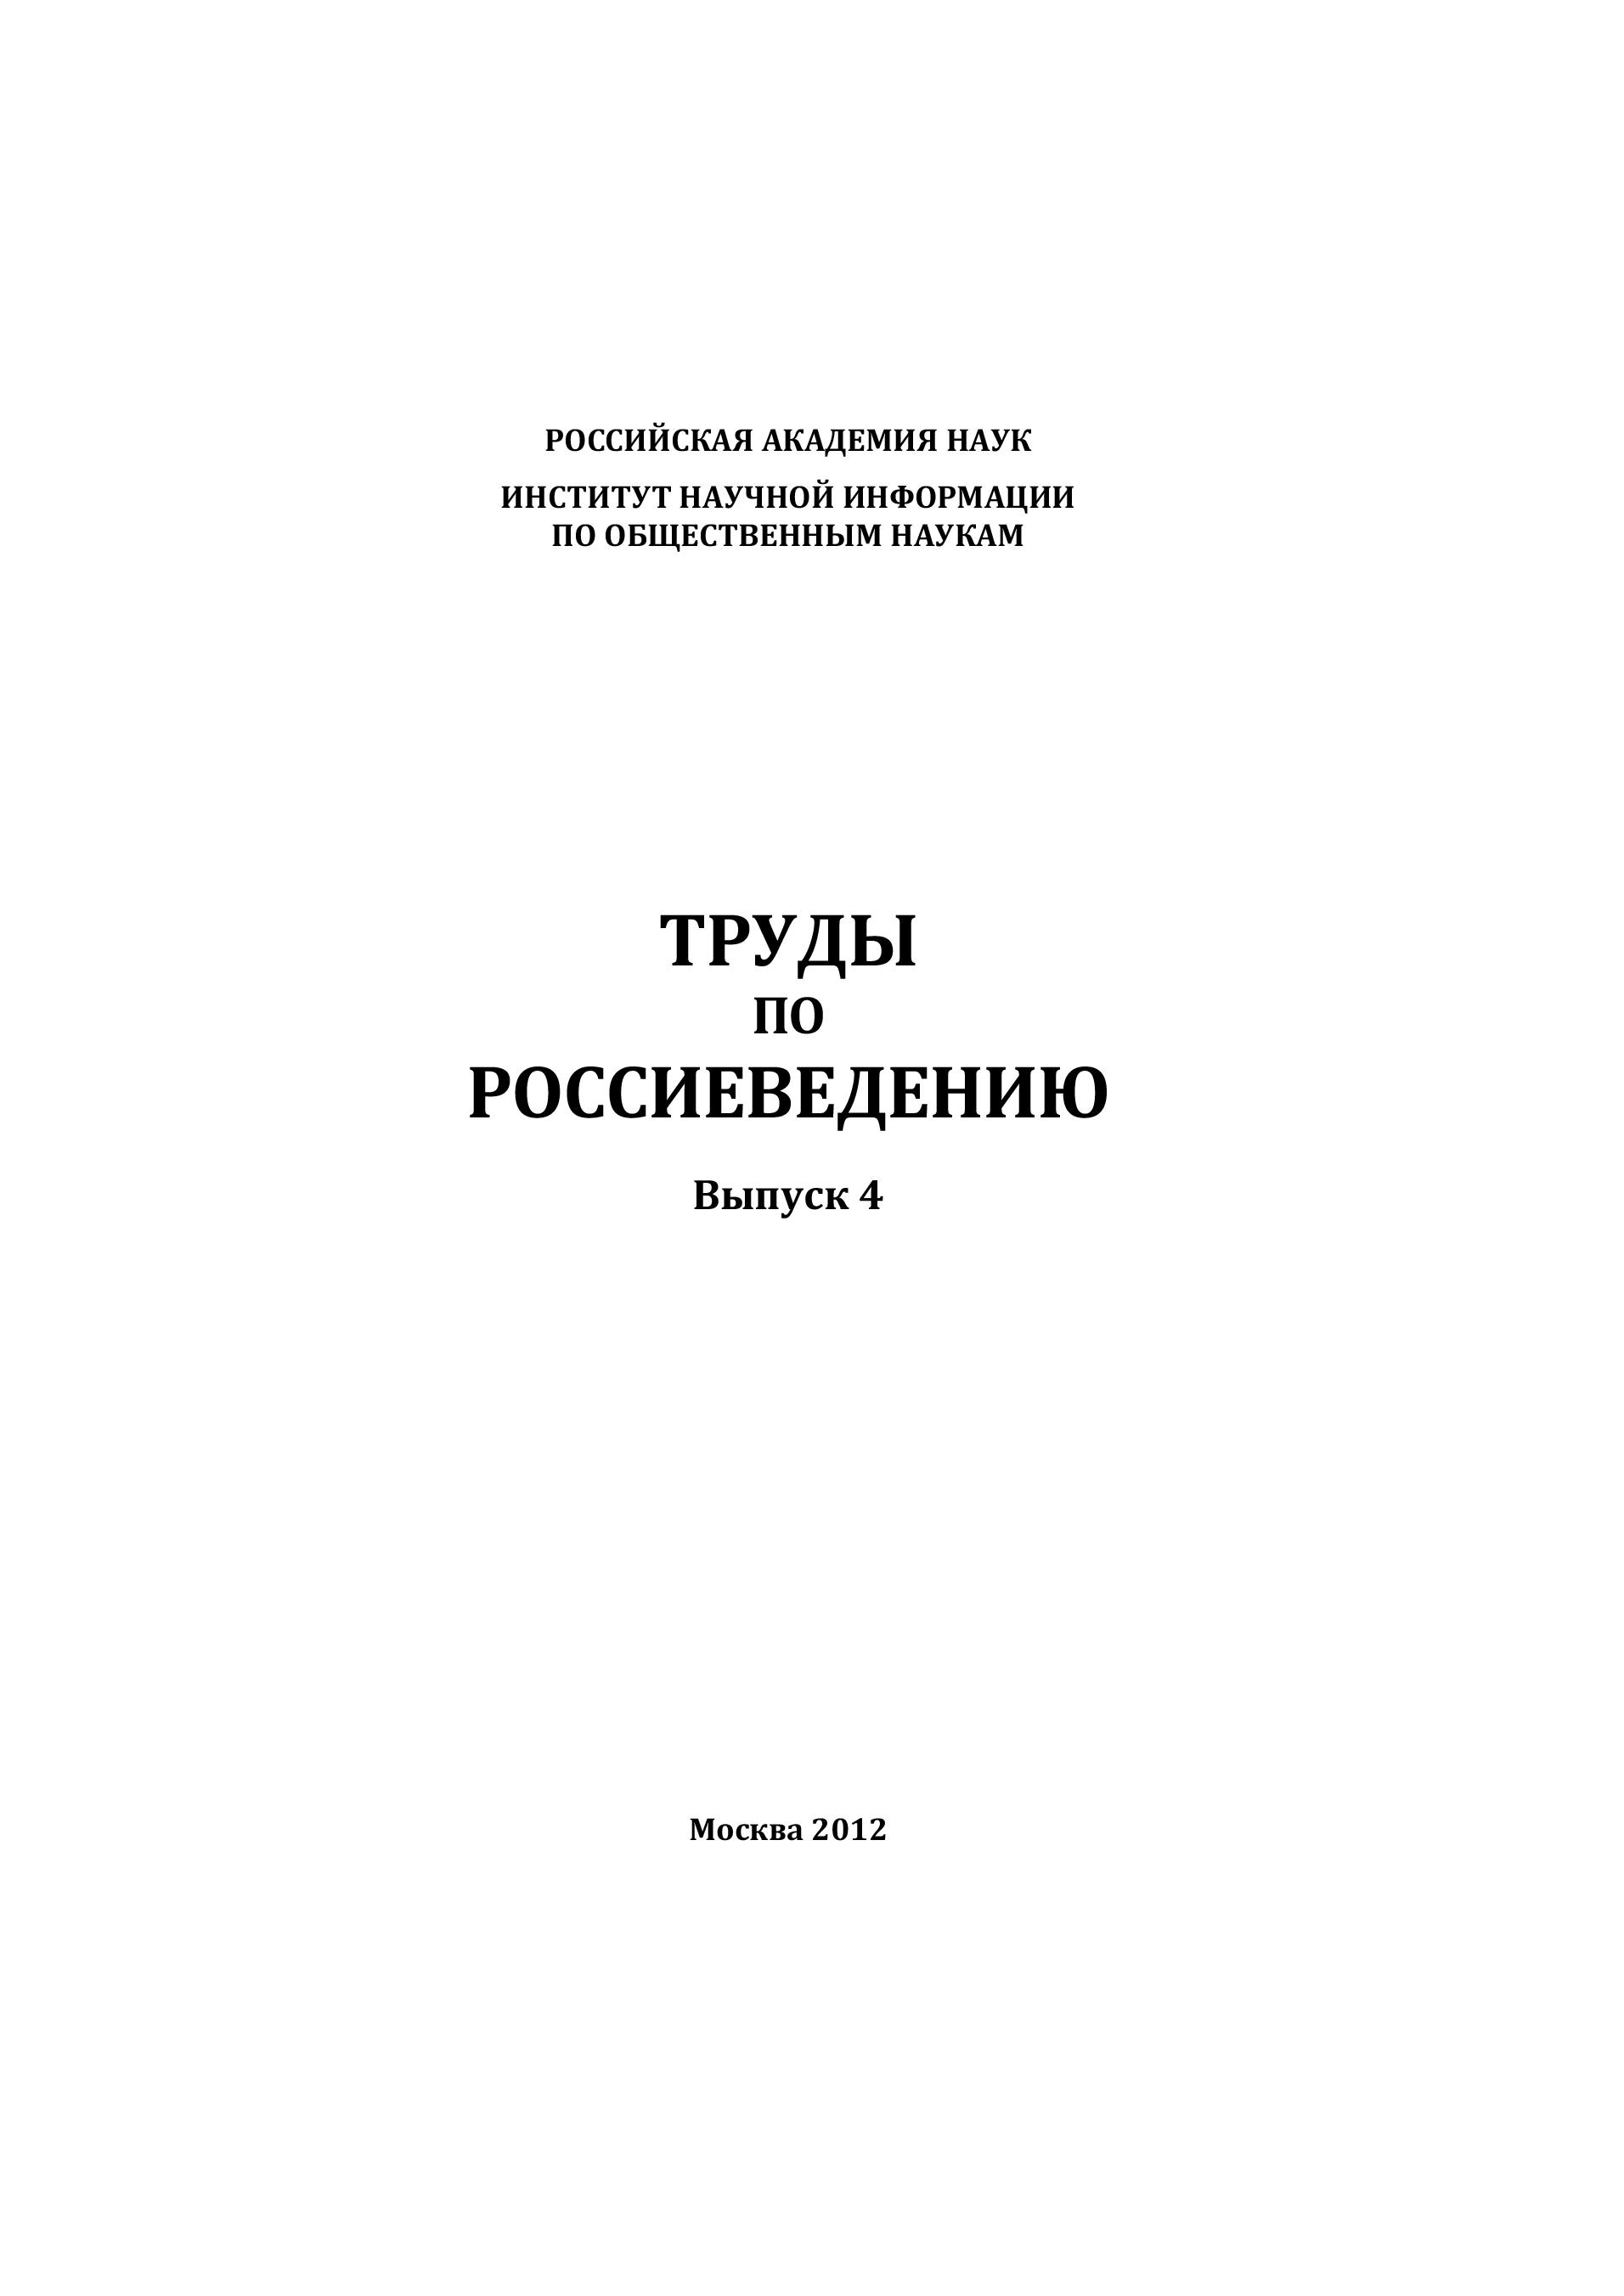 Коллектив авторов «Труды по россиеведению. Выпуск 4»